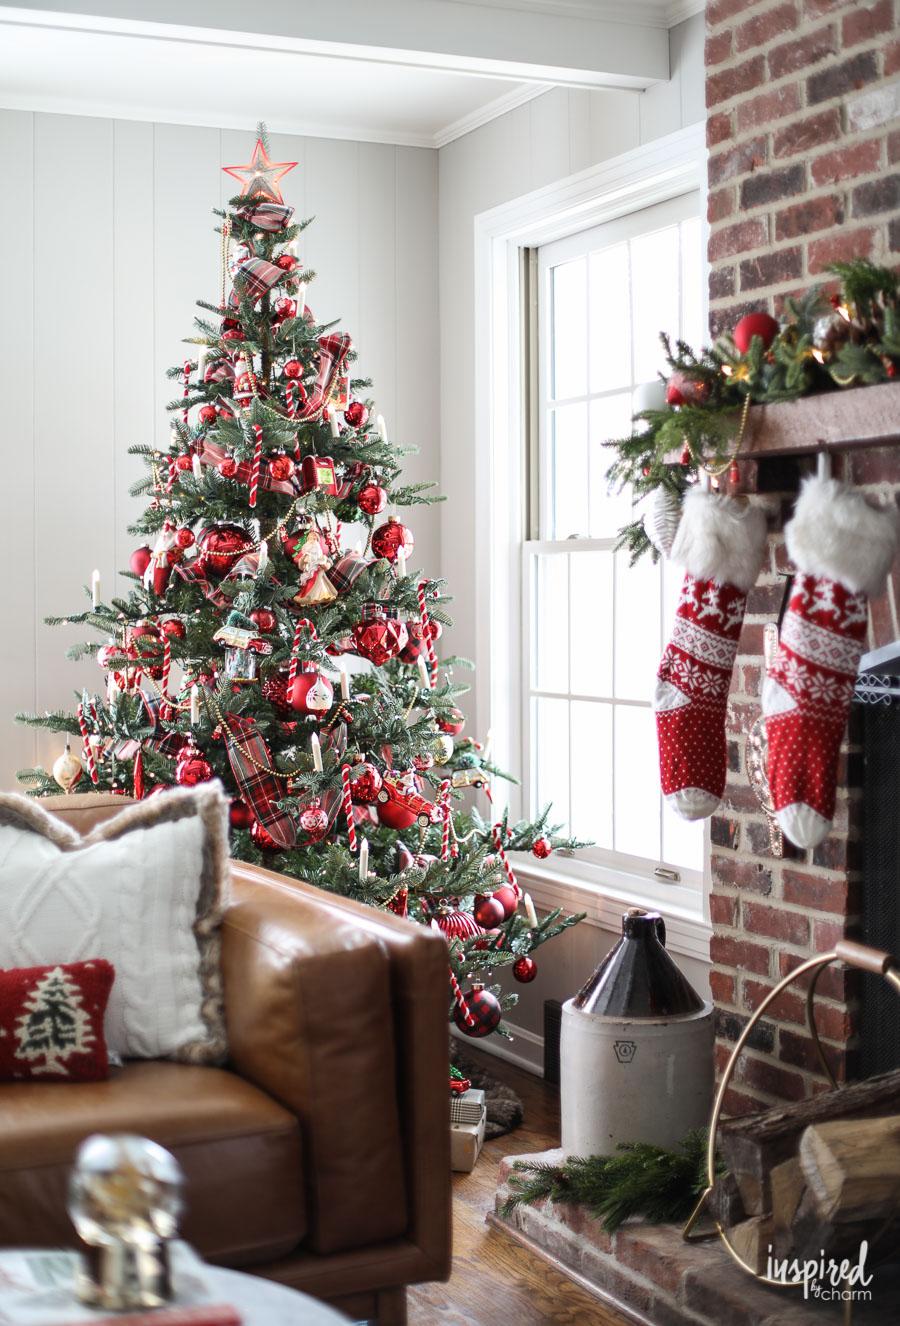 Alberi Di Natale Eleganti Immagini.Tendenza Alberi Di Natale 2019 Meglio Tradizione Ed Eleganza